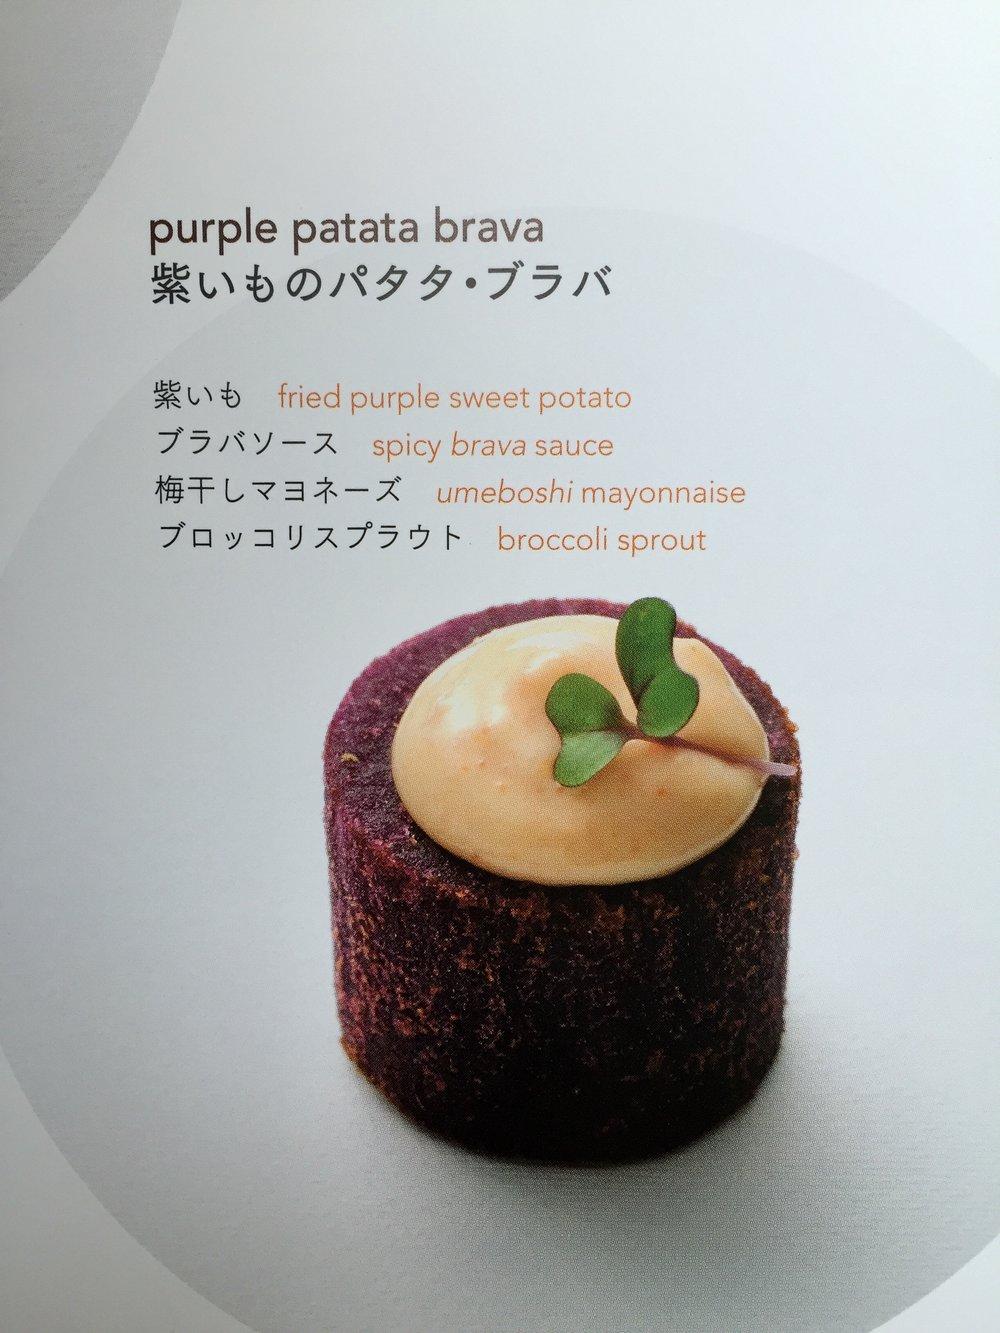 紫イモのパタタブラバ